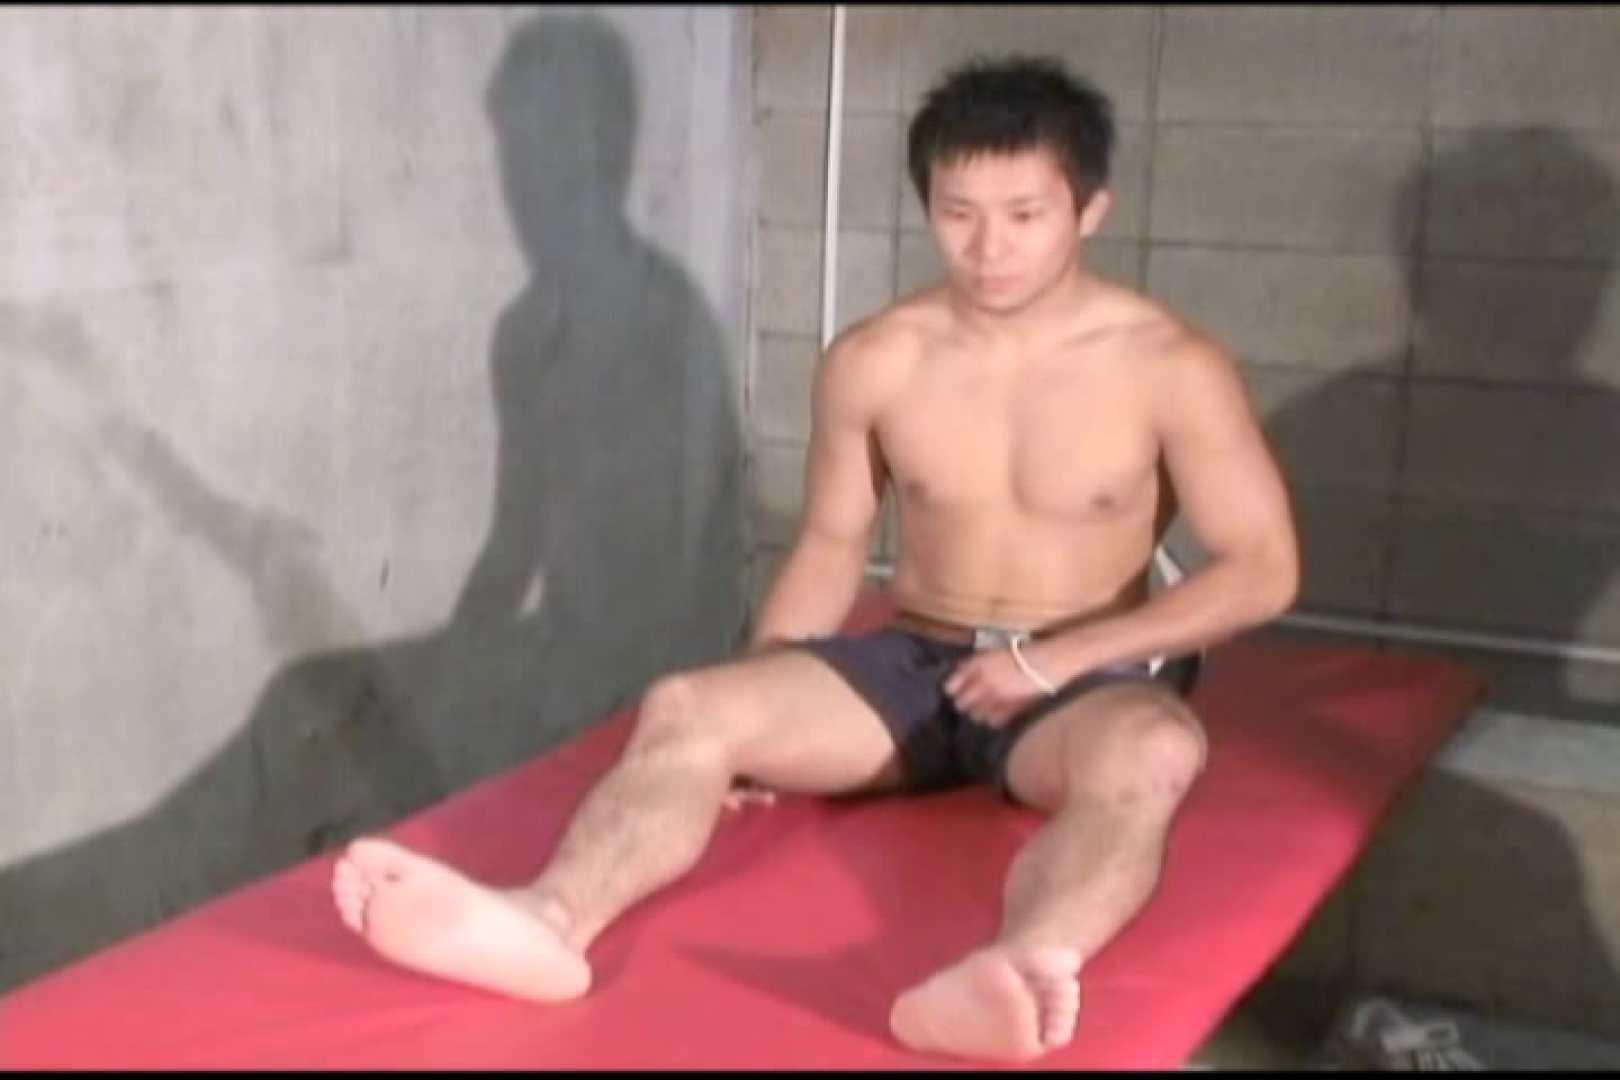 初々しさがたまらない若くてかわいげなのスポーツマン。 念願の完全無修正 ゲイヌード画像 96連発 38